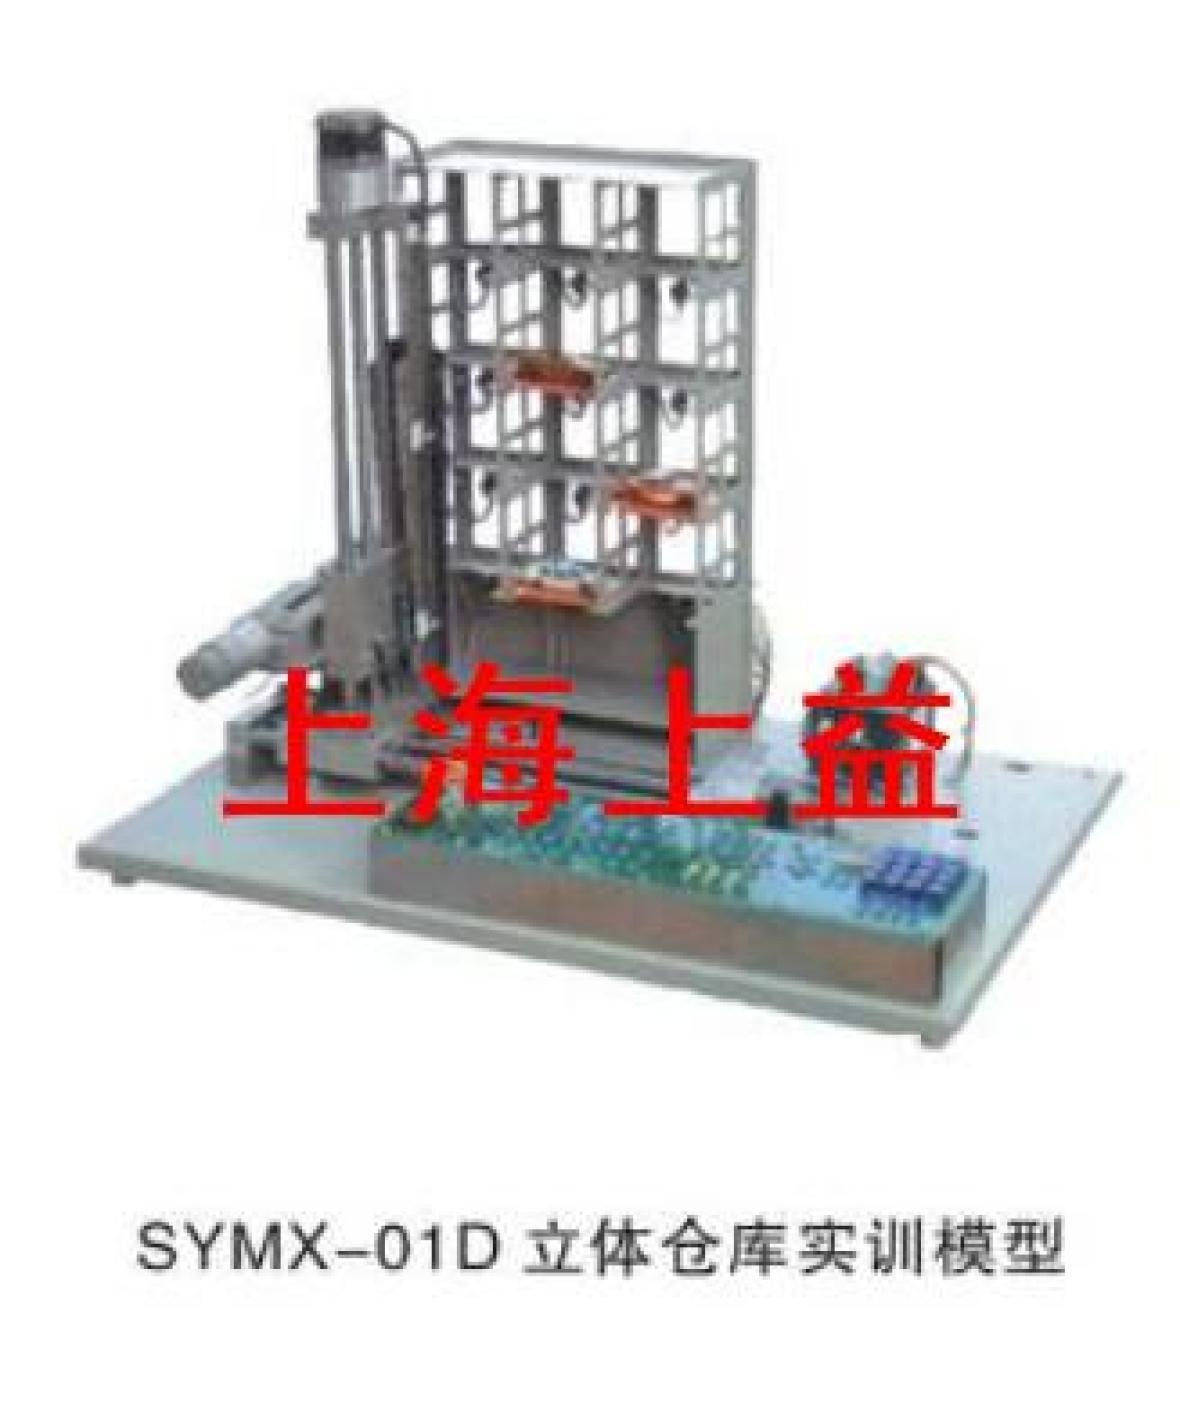 SYMX-01Z立体停车库实物教学实验装置